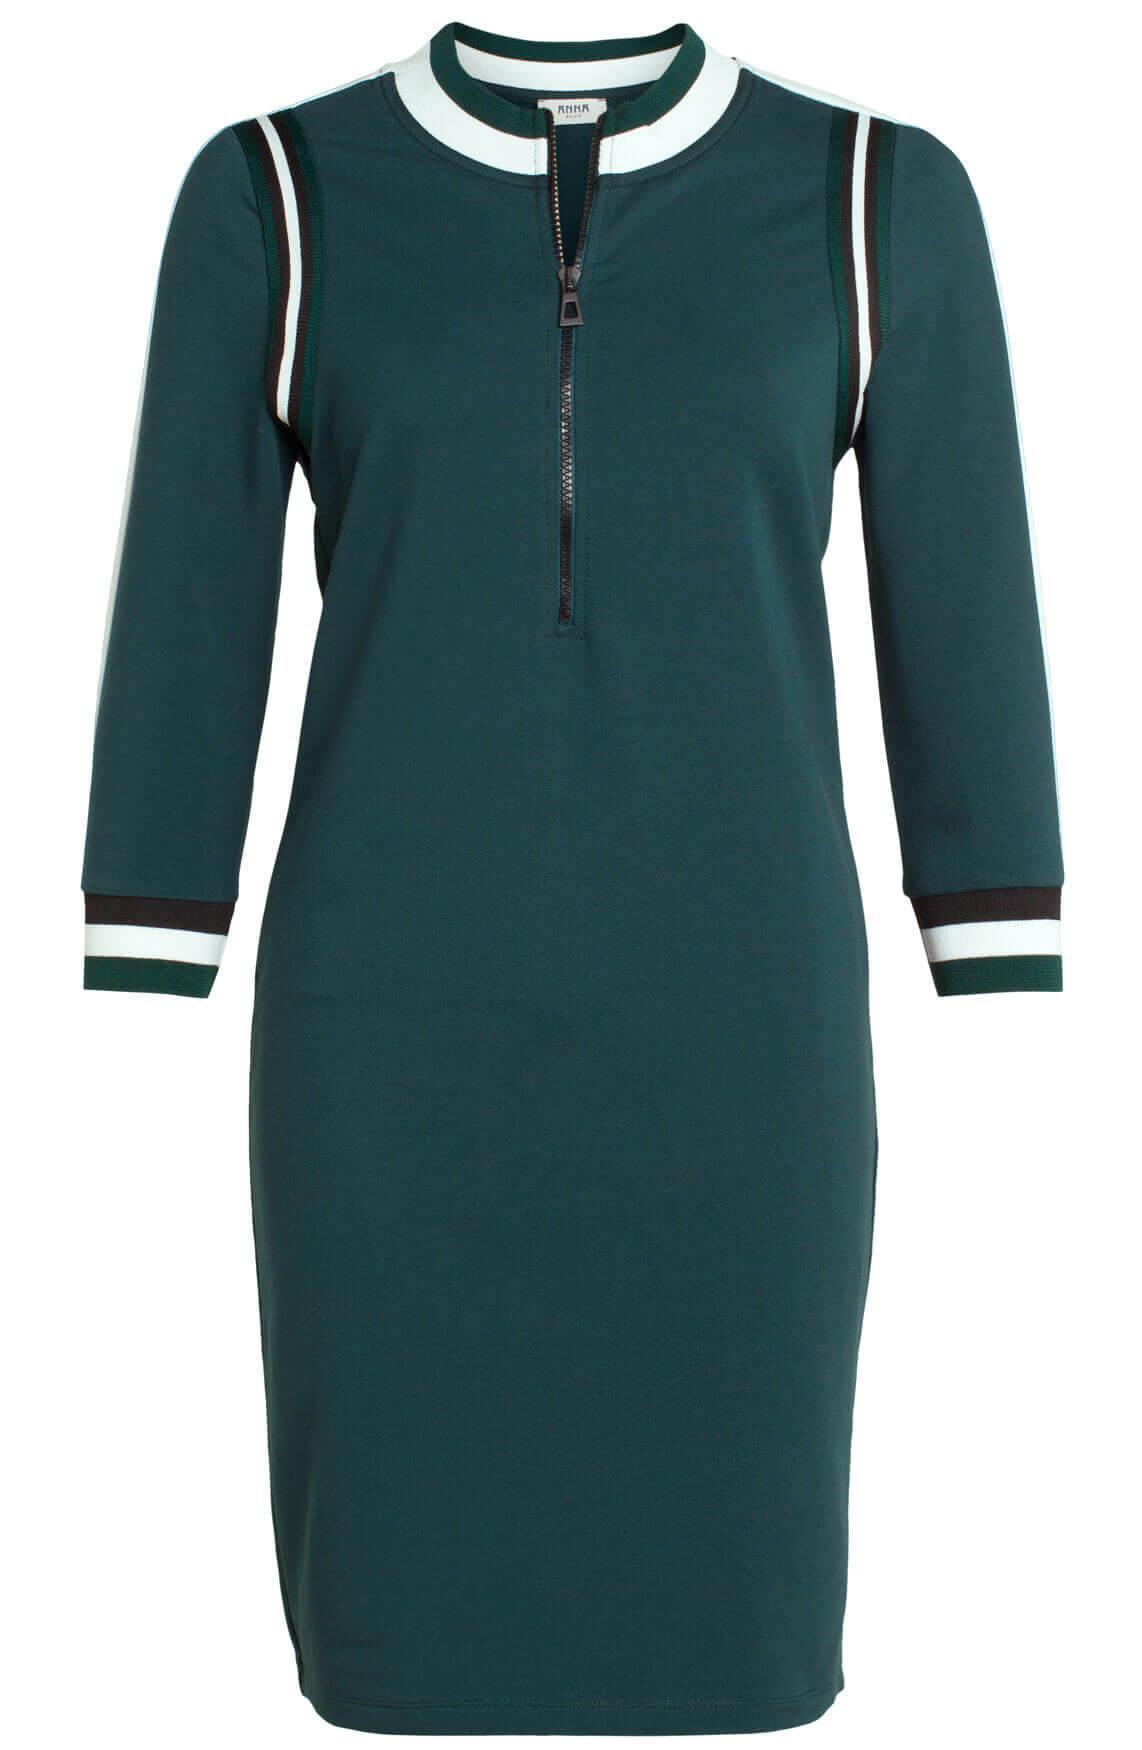 Anna Blue Dames Sportieve jurk groen